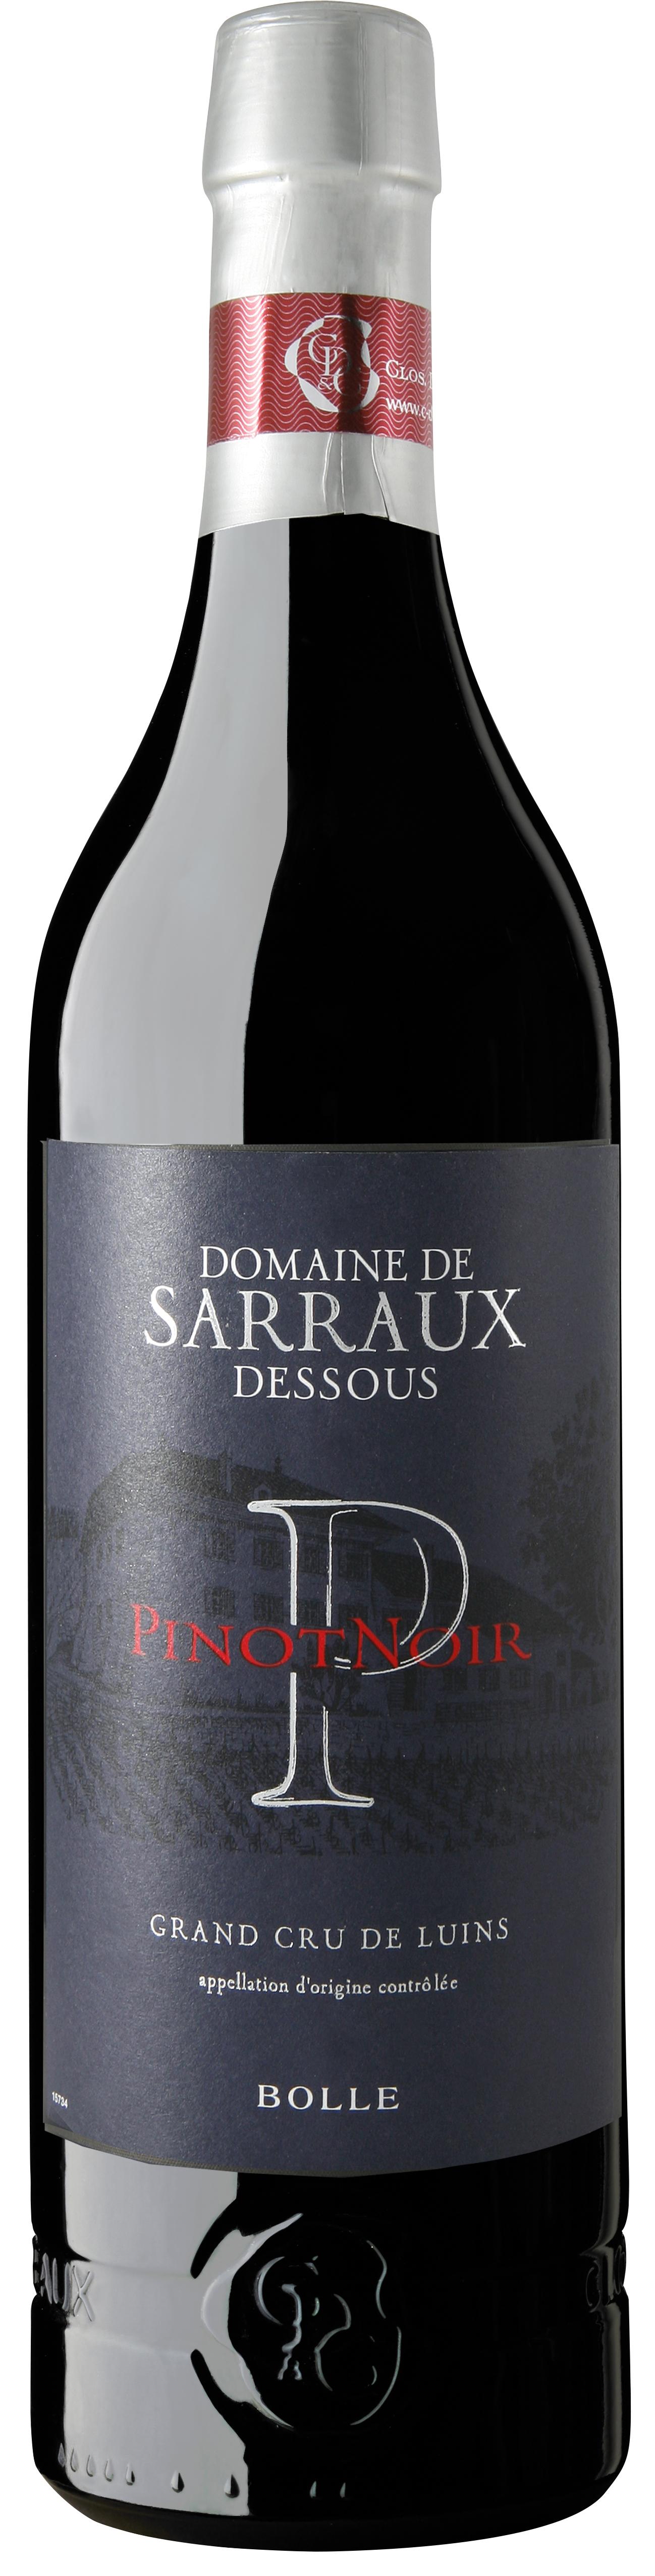 Domaine de Sarraux-Dessous Pinot Noir 2015